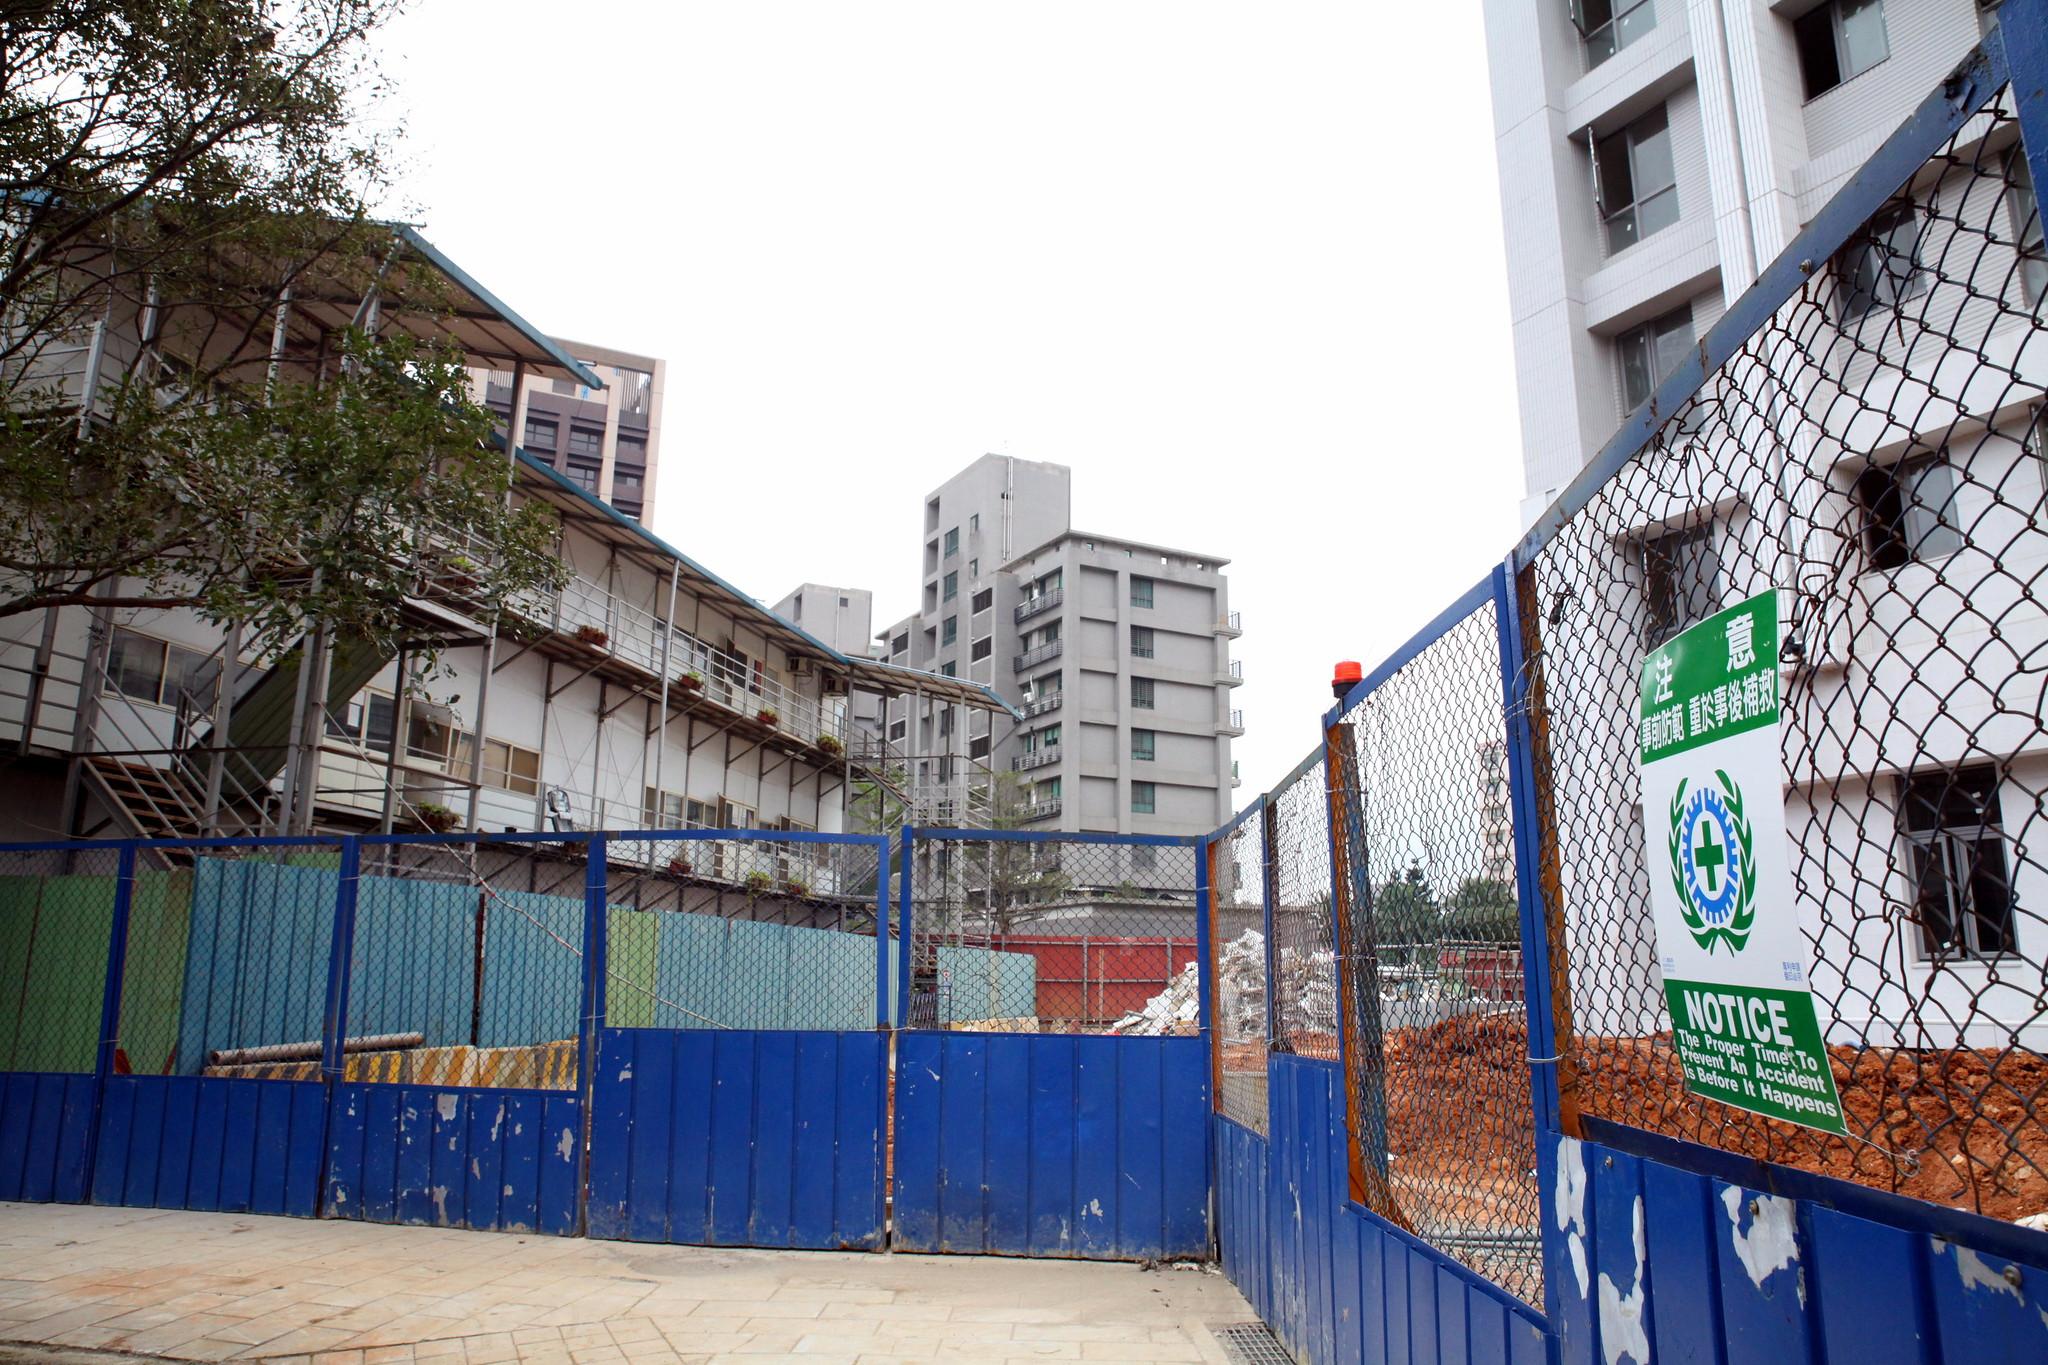 左手邊小屋是移工的宿舍,右手邊是選手村的大樓,也是移工工作的工地。(攝影:陳逸婷)